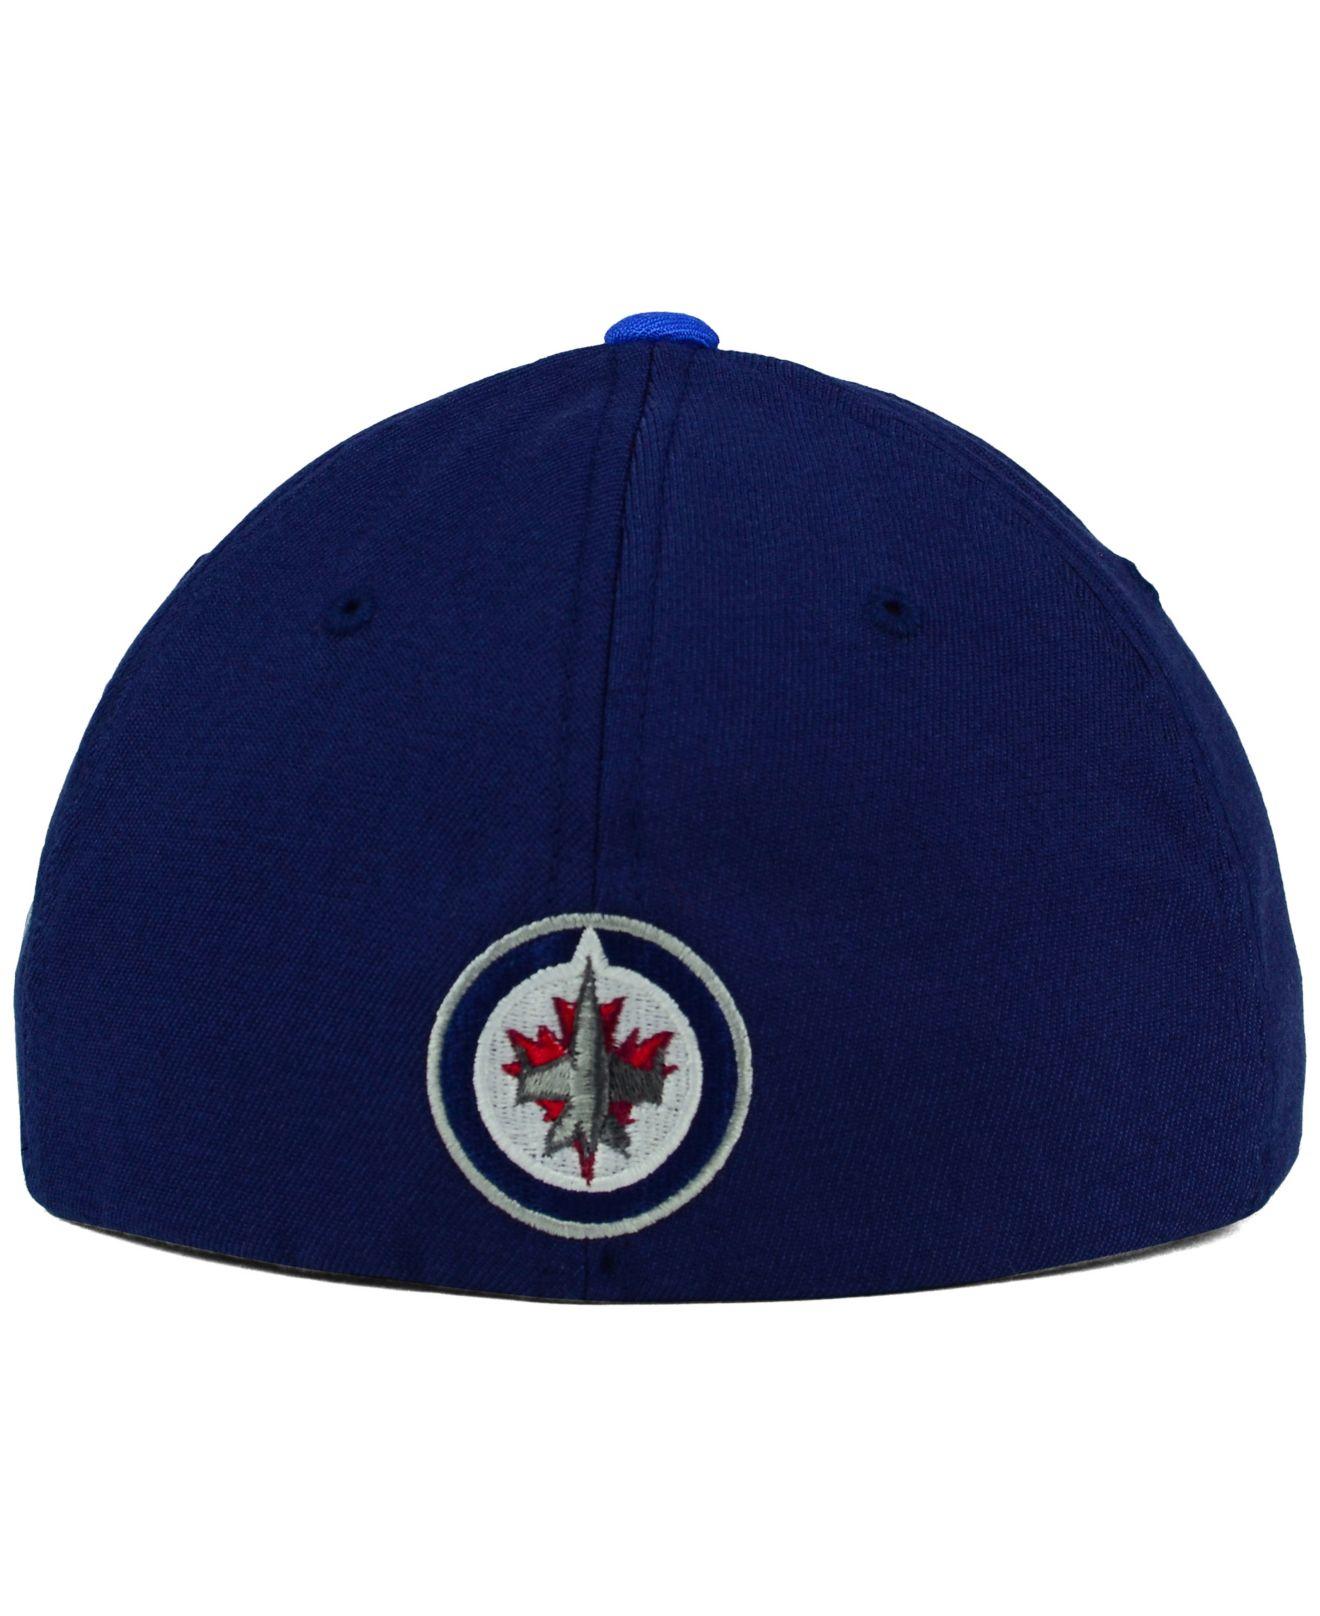 cheap for discount d23a3 e8cf6 ... spain lyst old time hockey winnipeg jets win streak flex cap in gray  for men edbab